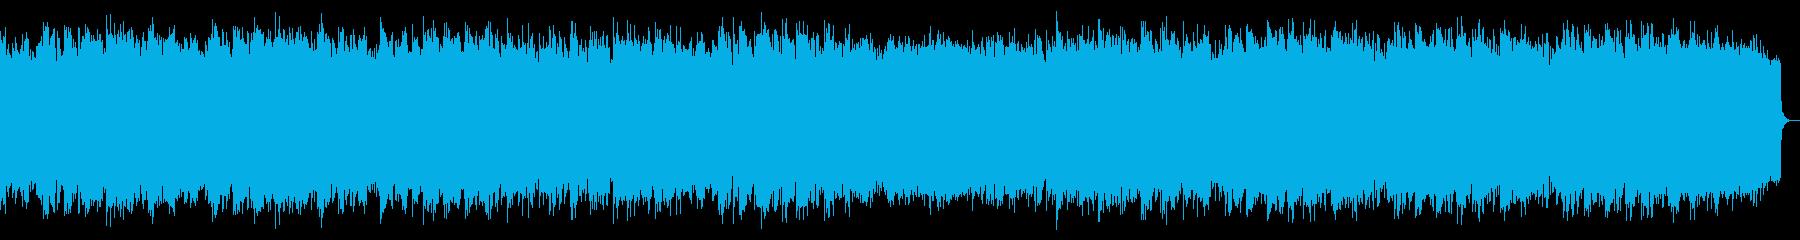 風の音楽・ケーナとキーボードの即興演奏の再生済みの波形